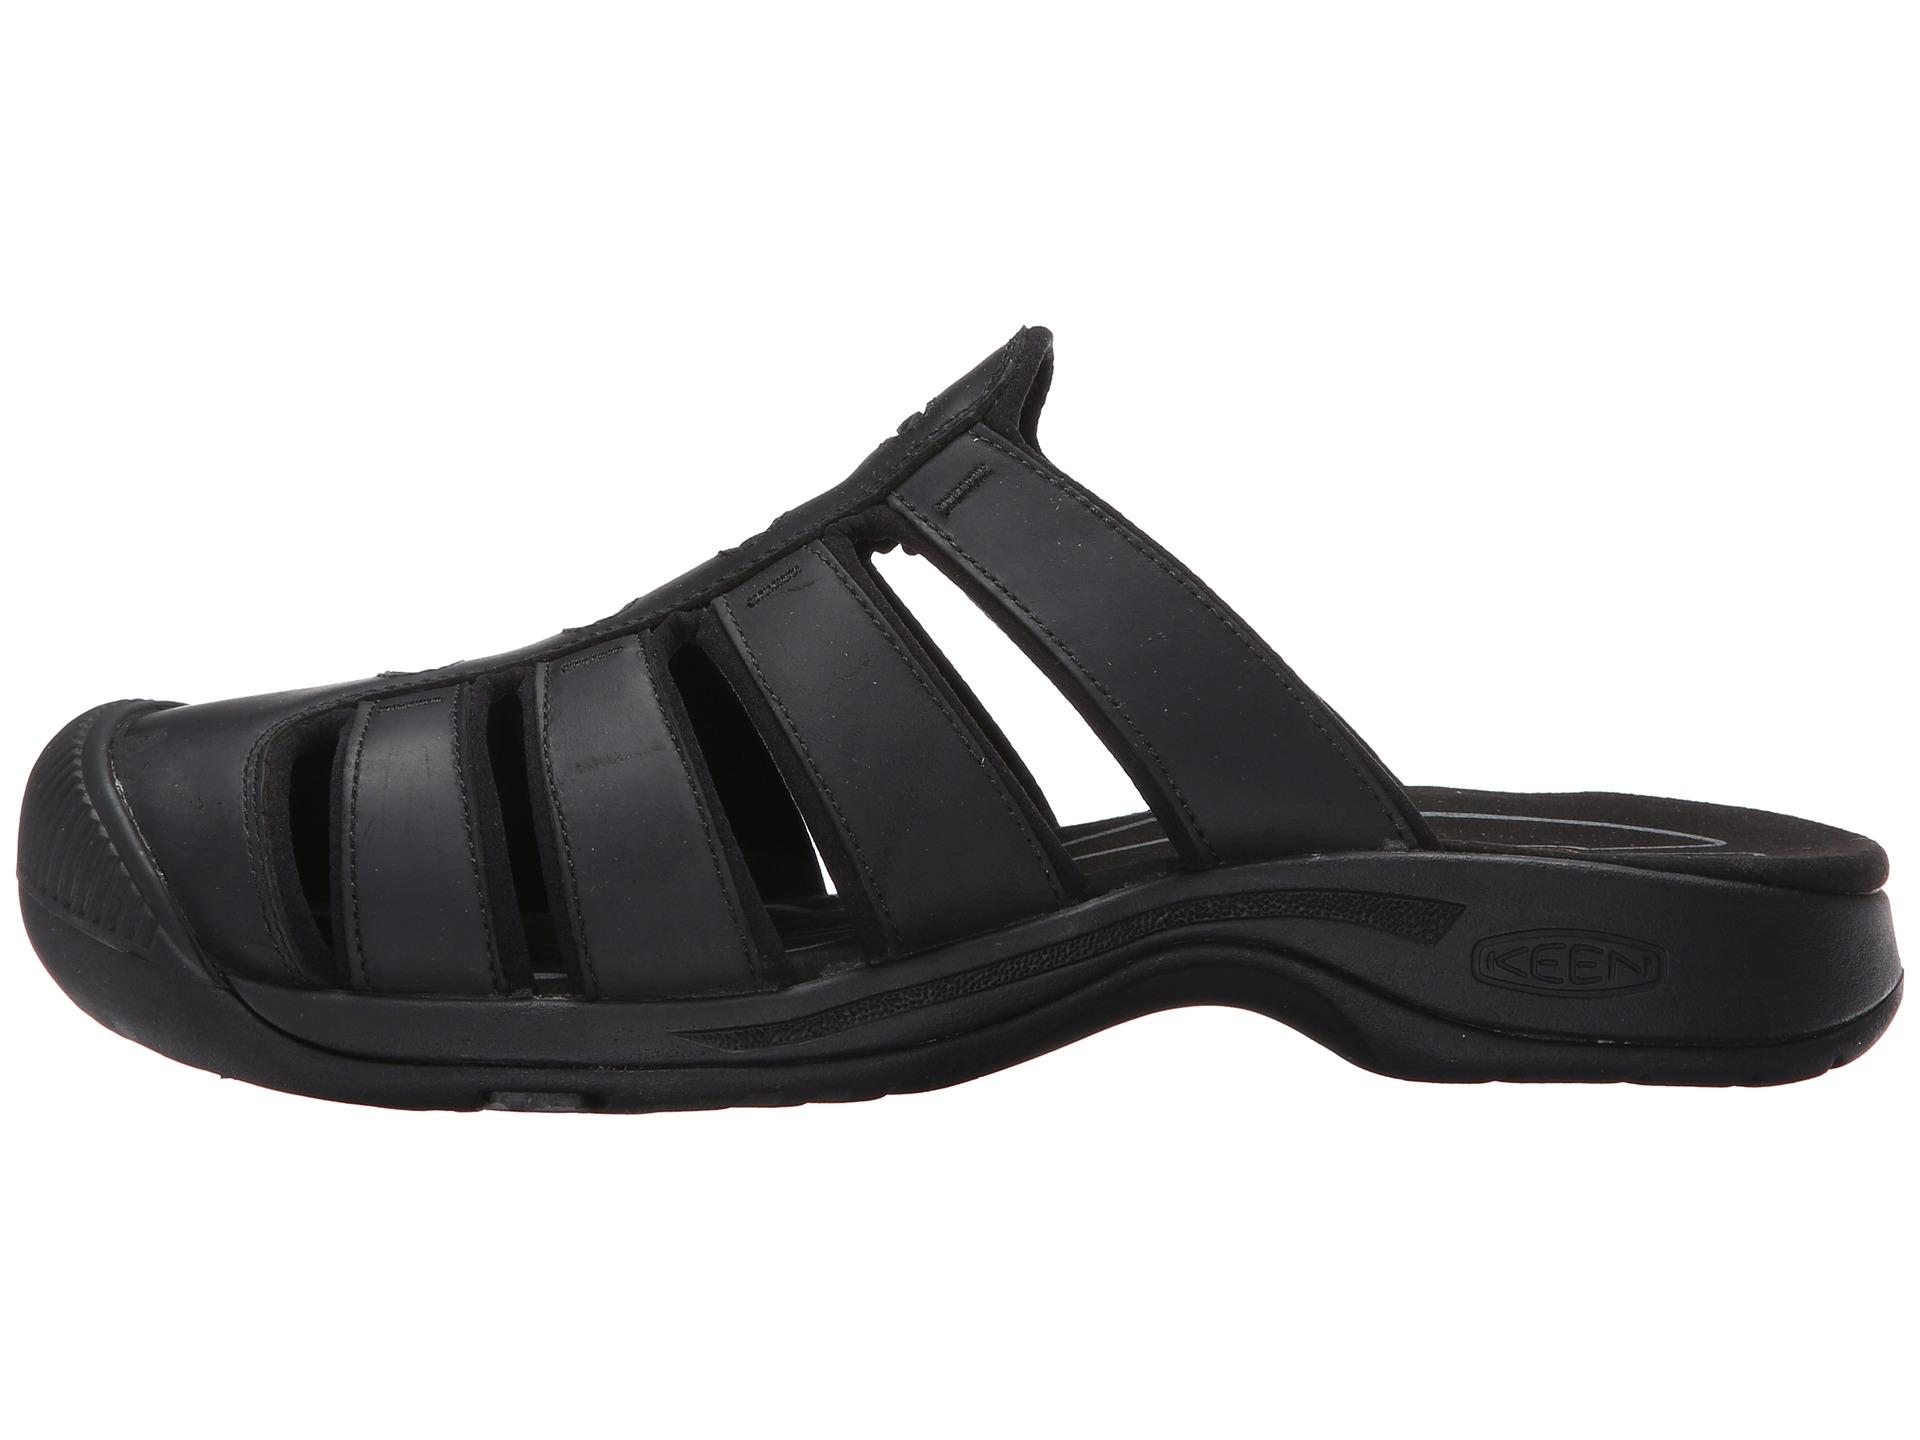 Keen Reisen Aruba In Black For Men Lyst